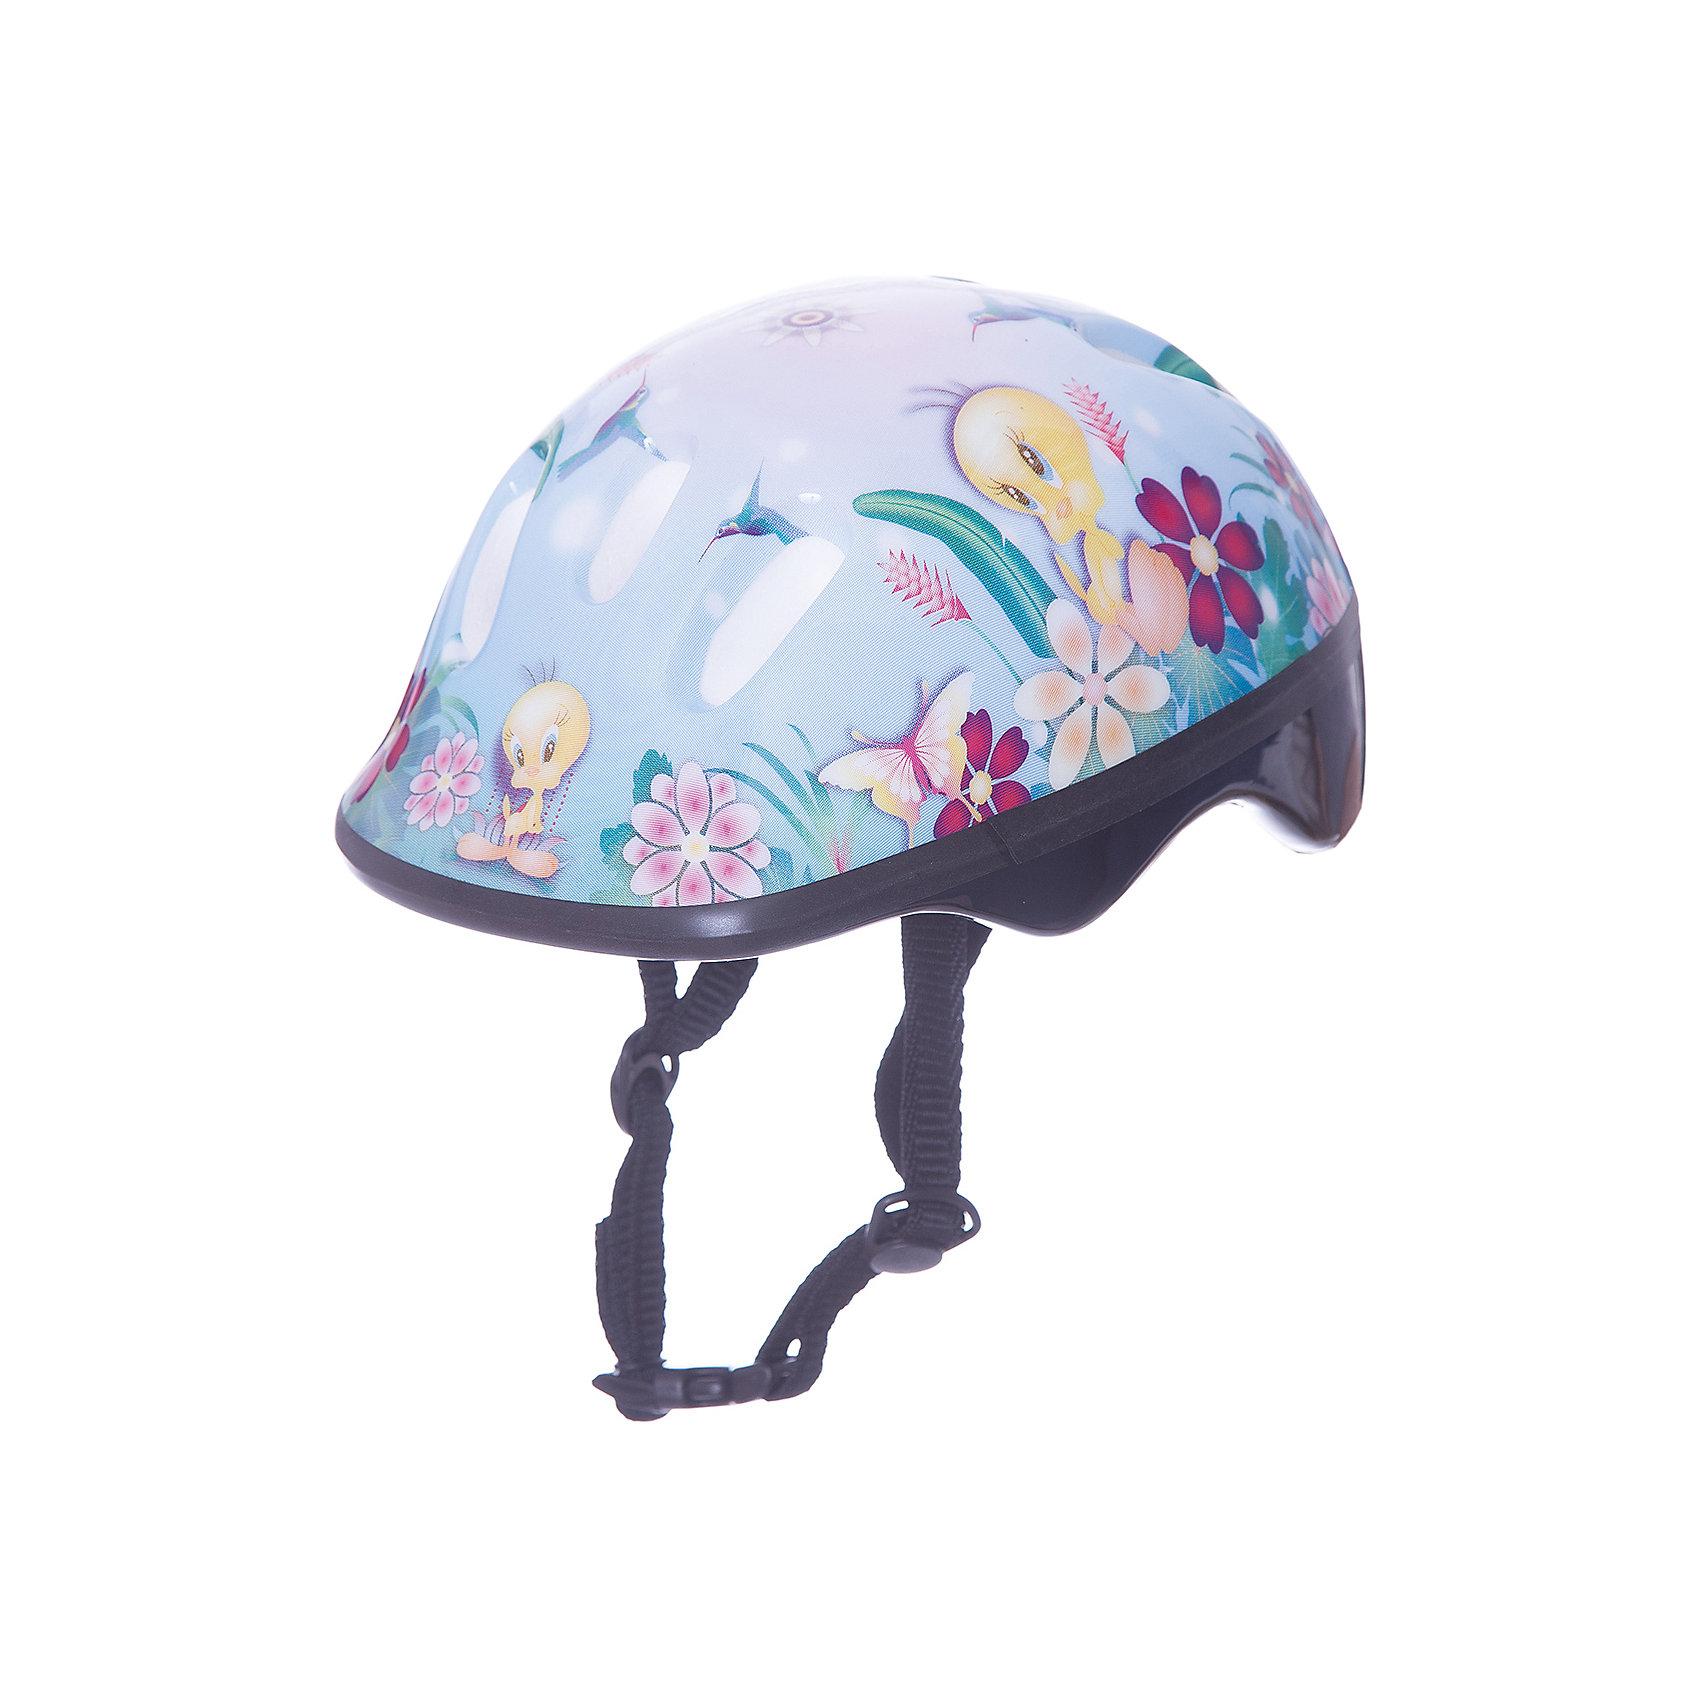 Шлем ТВИТТИ разм.S, ЛетоШлем ТВИТТИ предназначен для девочек, любящих прогулки на велосипеде или роликовых коньках. Модель изготовлена из прочного ударостойкого пластика и плотно прилегает к голове. Верх шлема украшен яркой картинкой с цветами, бабочками и птичкой Твитти. Этот шлем несомненно вызовет восторг у любительницы активного отдыха!<br><br>Дополнительная информация:<br>Размер: S<br>Материал: пластик<br>Размер упаковки: 25х19х13 см<br>Вес: 318 грамм<br>Вы можете купить шлем ТВИТТИ в нашем интернет-магазине.<br><br>Ширина мм: 500<br>Глубина мм: 500<br>Высота мм: 500<br>Вес г: 318<br>Возраст от месяцев: 36<br>Возраст до месяцев: 192<br>Пол: Унисекс<br>Возраст: Детский<br>SKU: 4753613